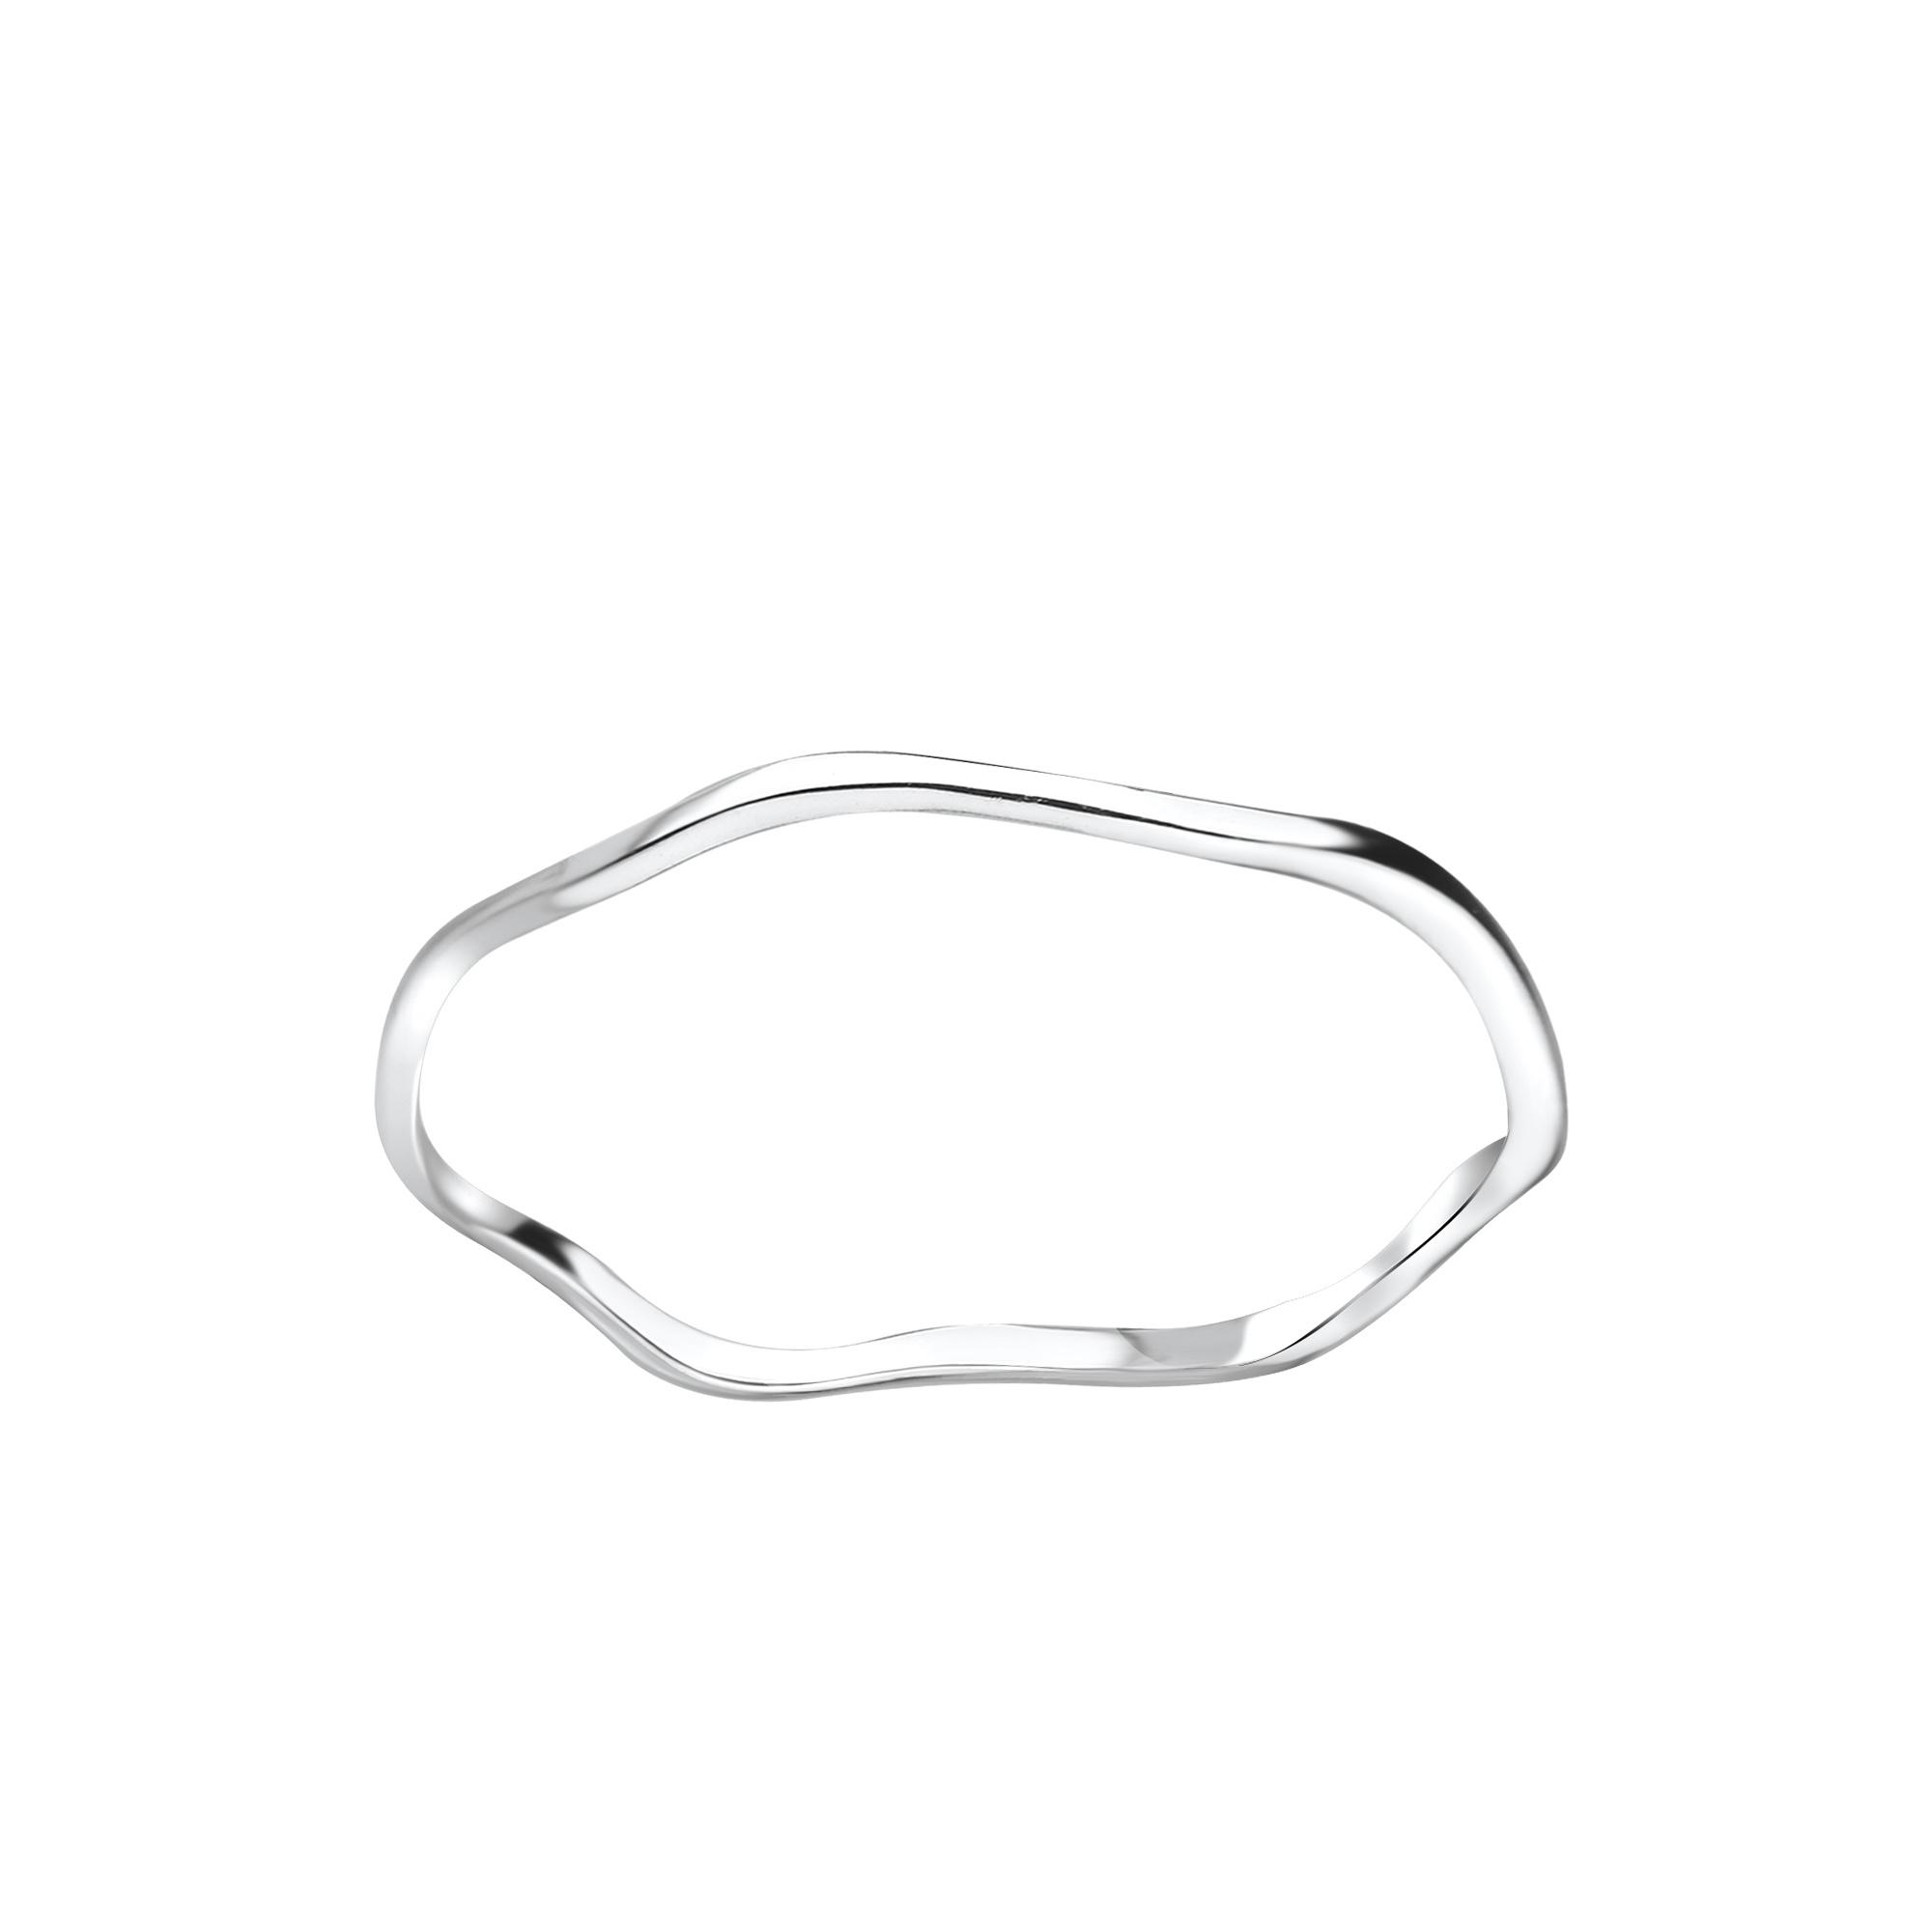 Zarter Ring gewellt - 925er Sterling Silber-1